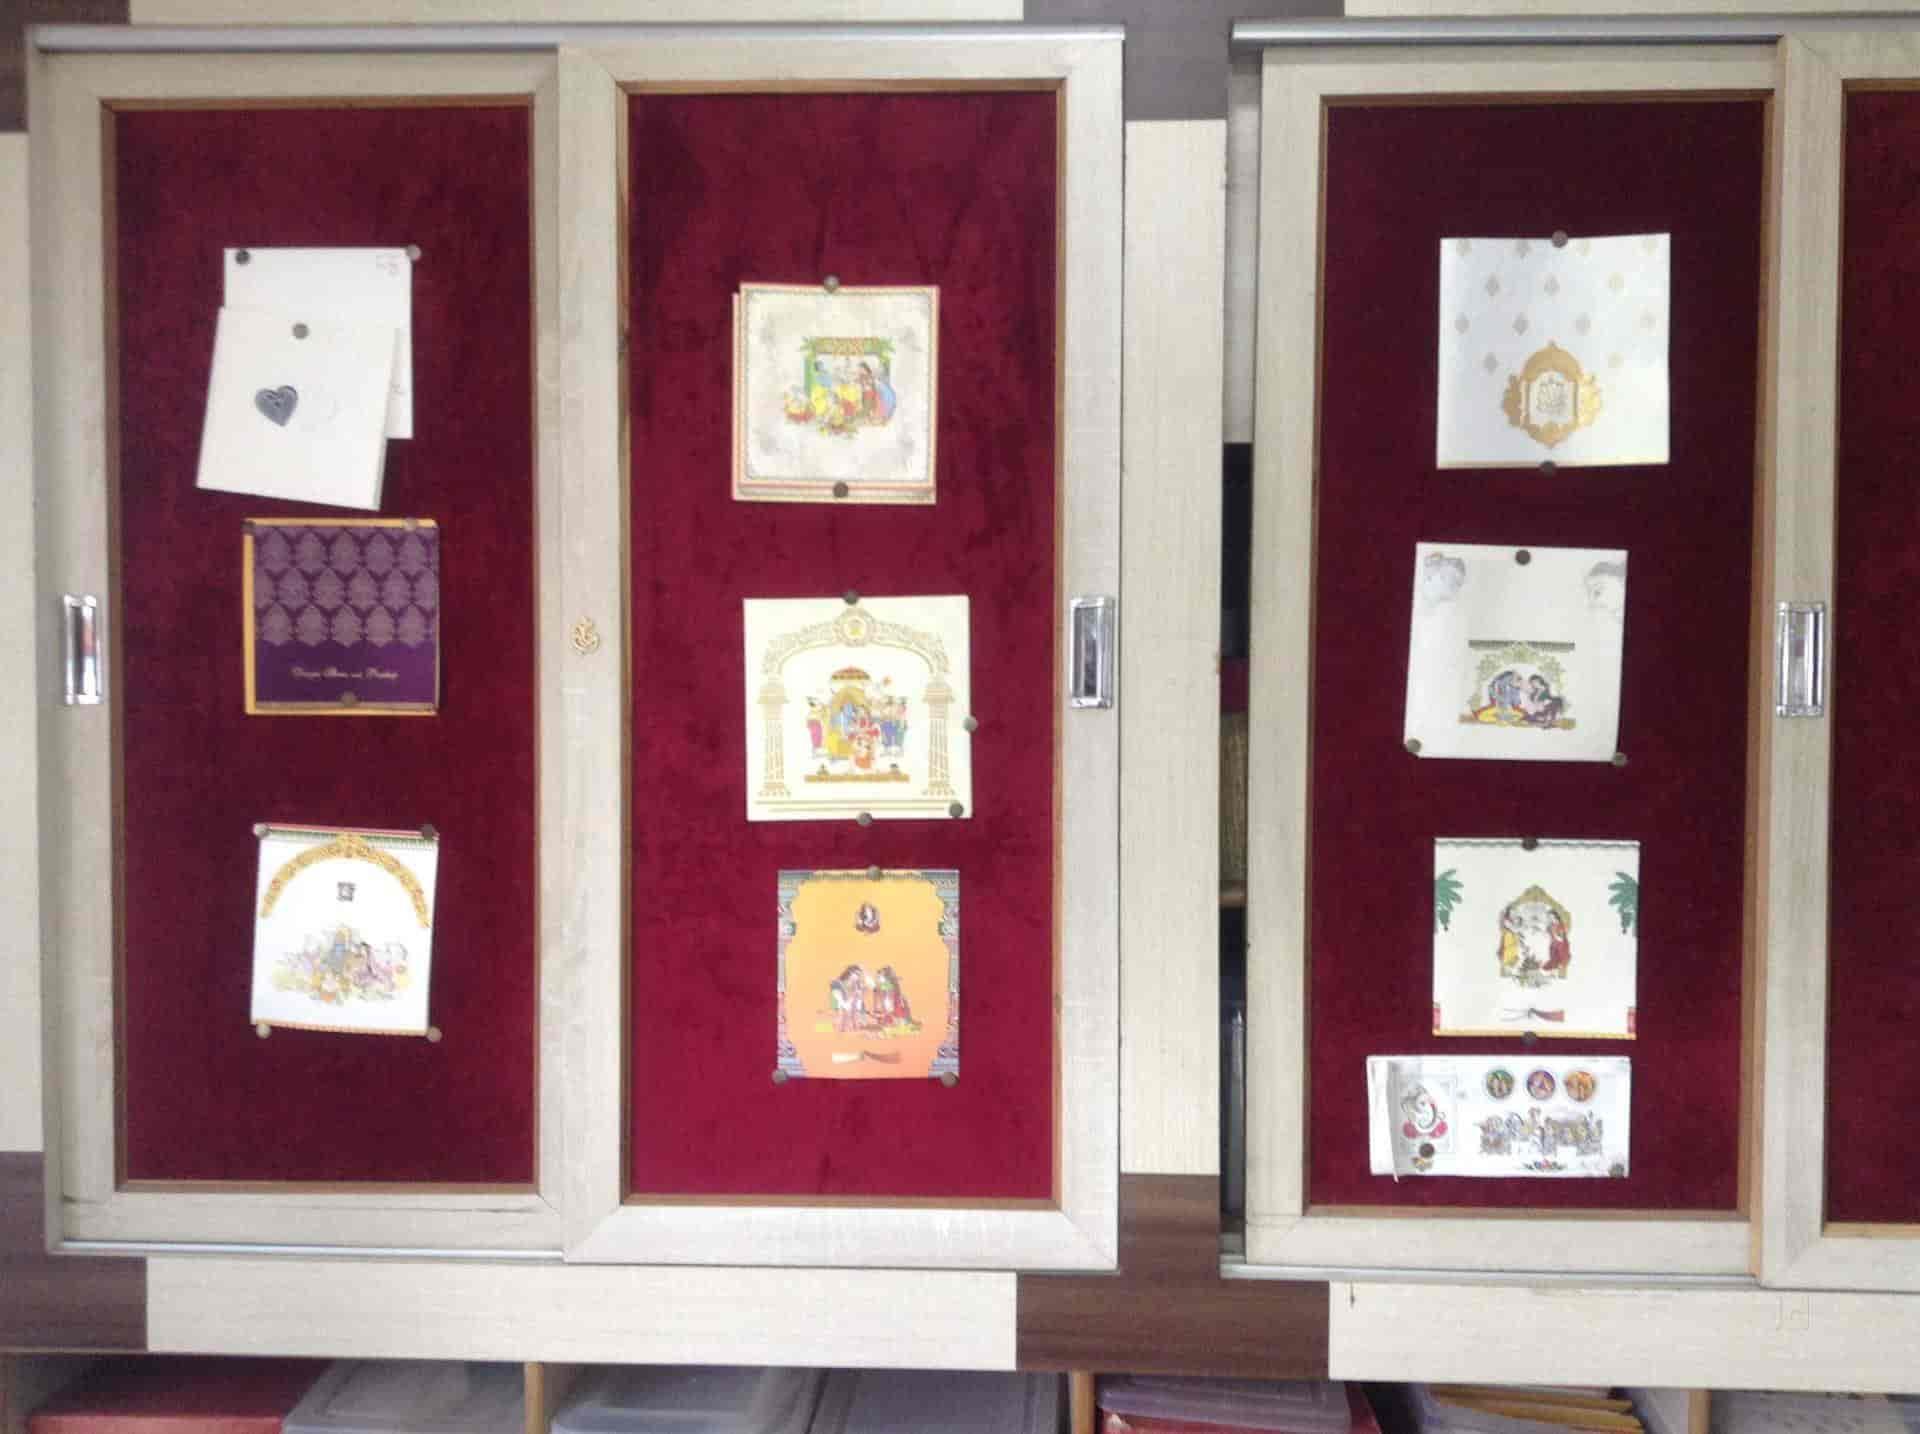 Sri Katepalli Gangiah Wedding & Invitation Cards, Secunderabad ...